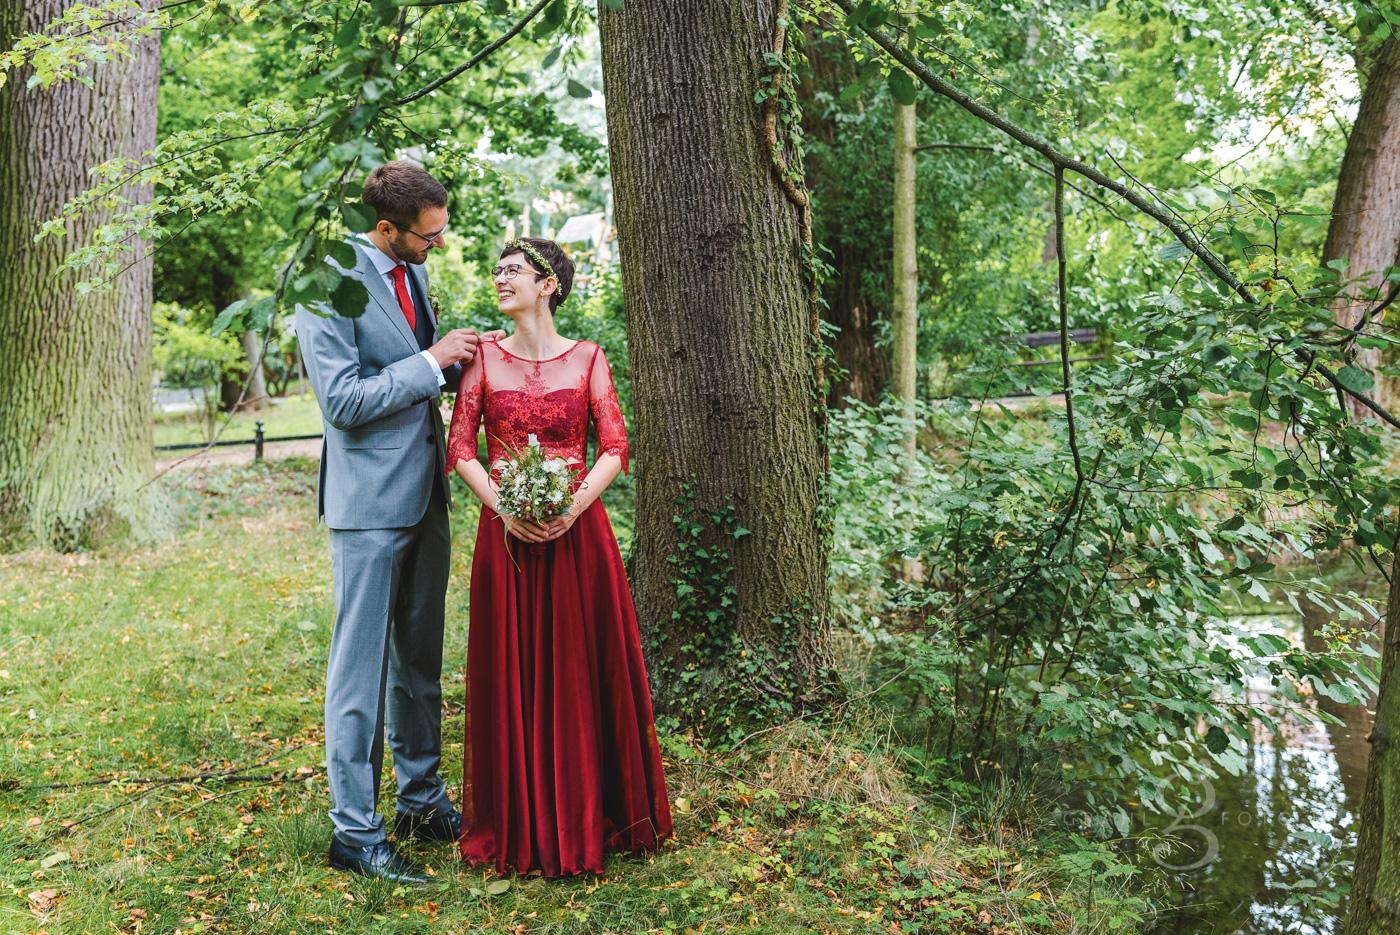 20200905_grahlfoto_unsere-Hochzeit_Kreischa_192_web